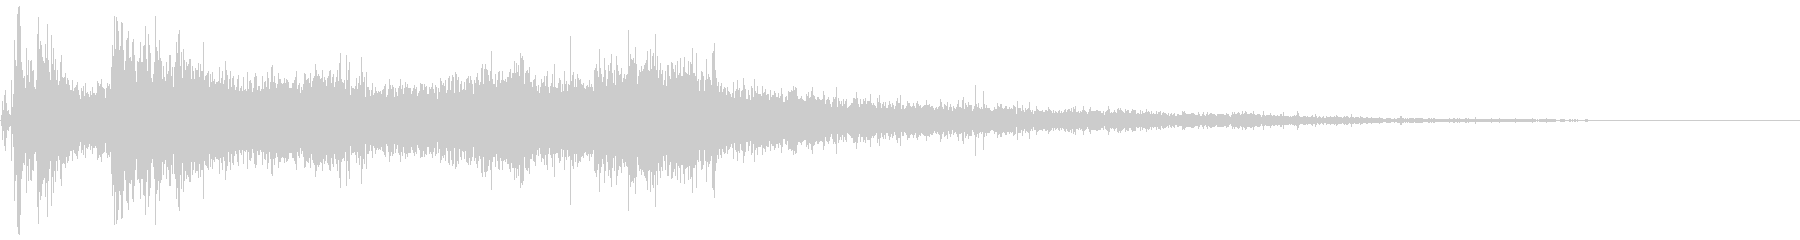 ベリーフロップの未再生の波形